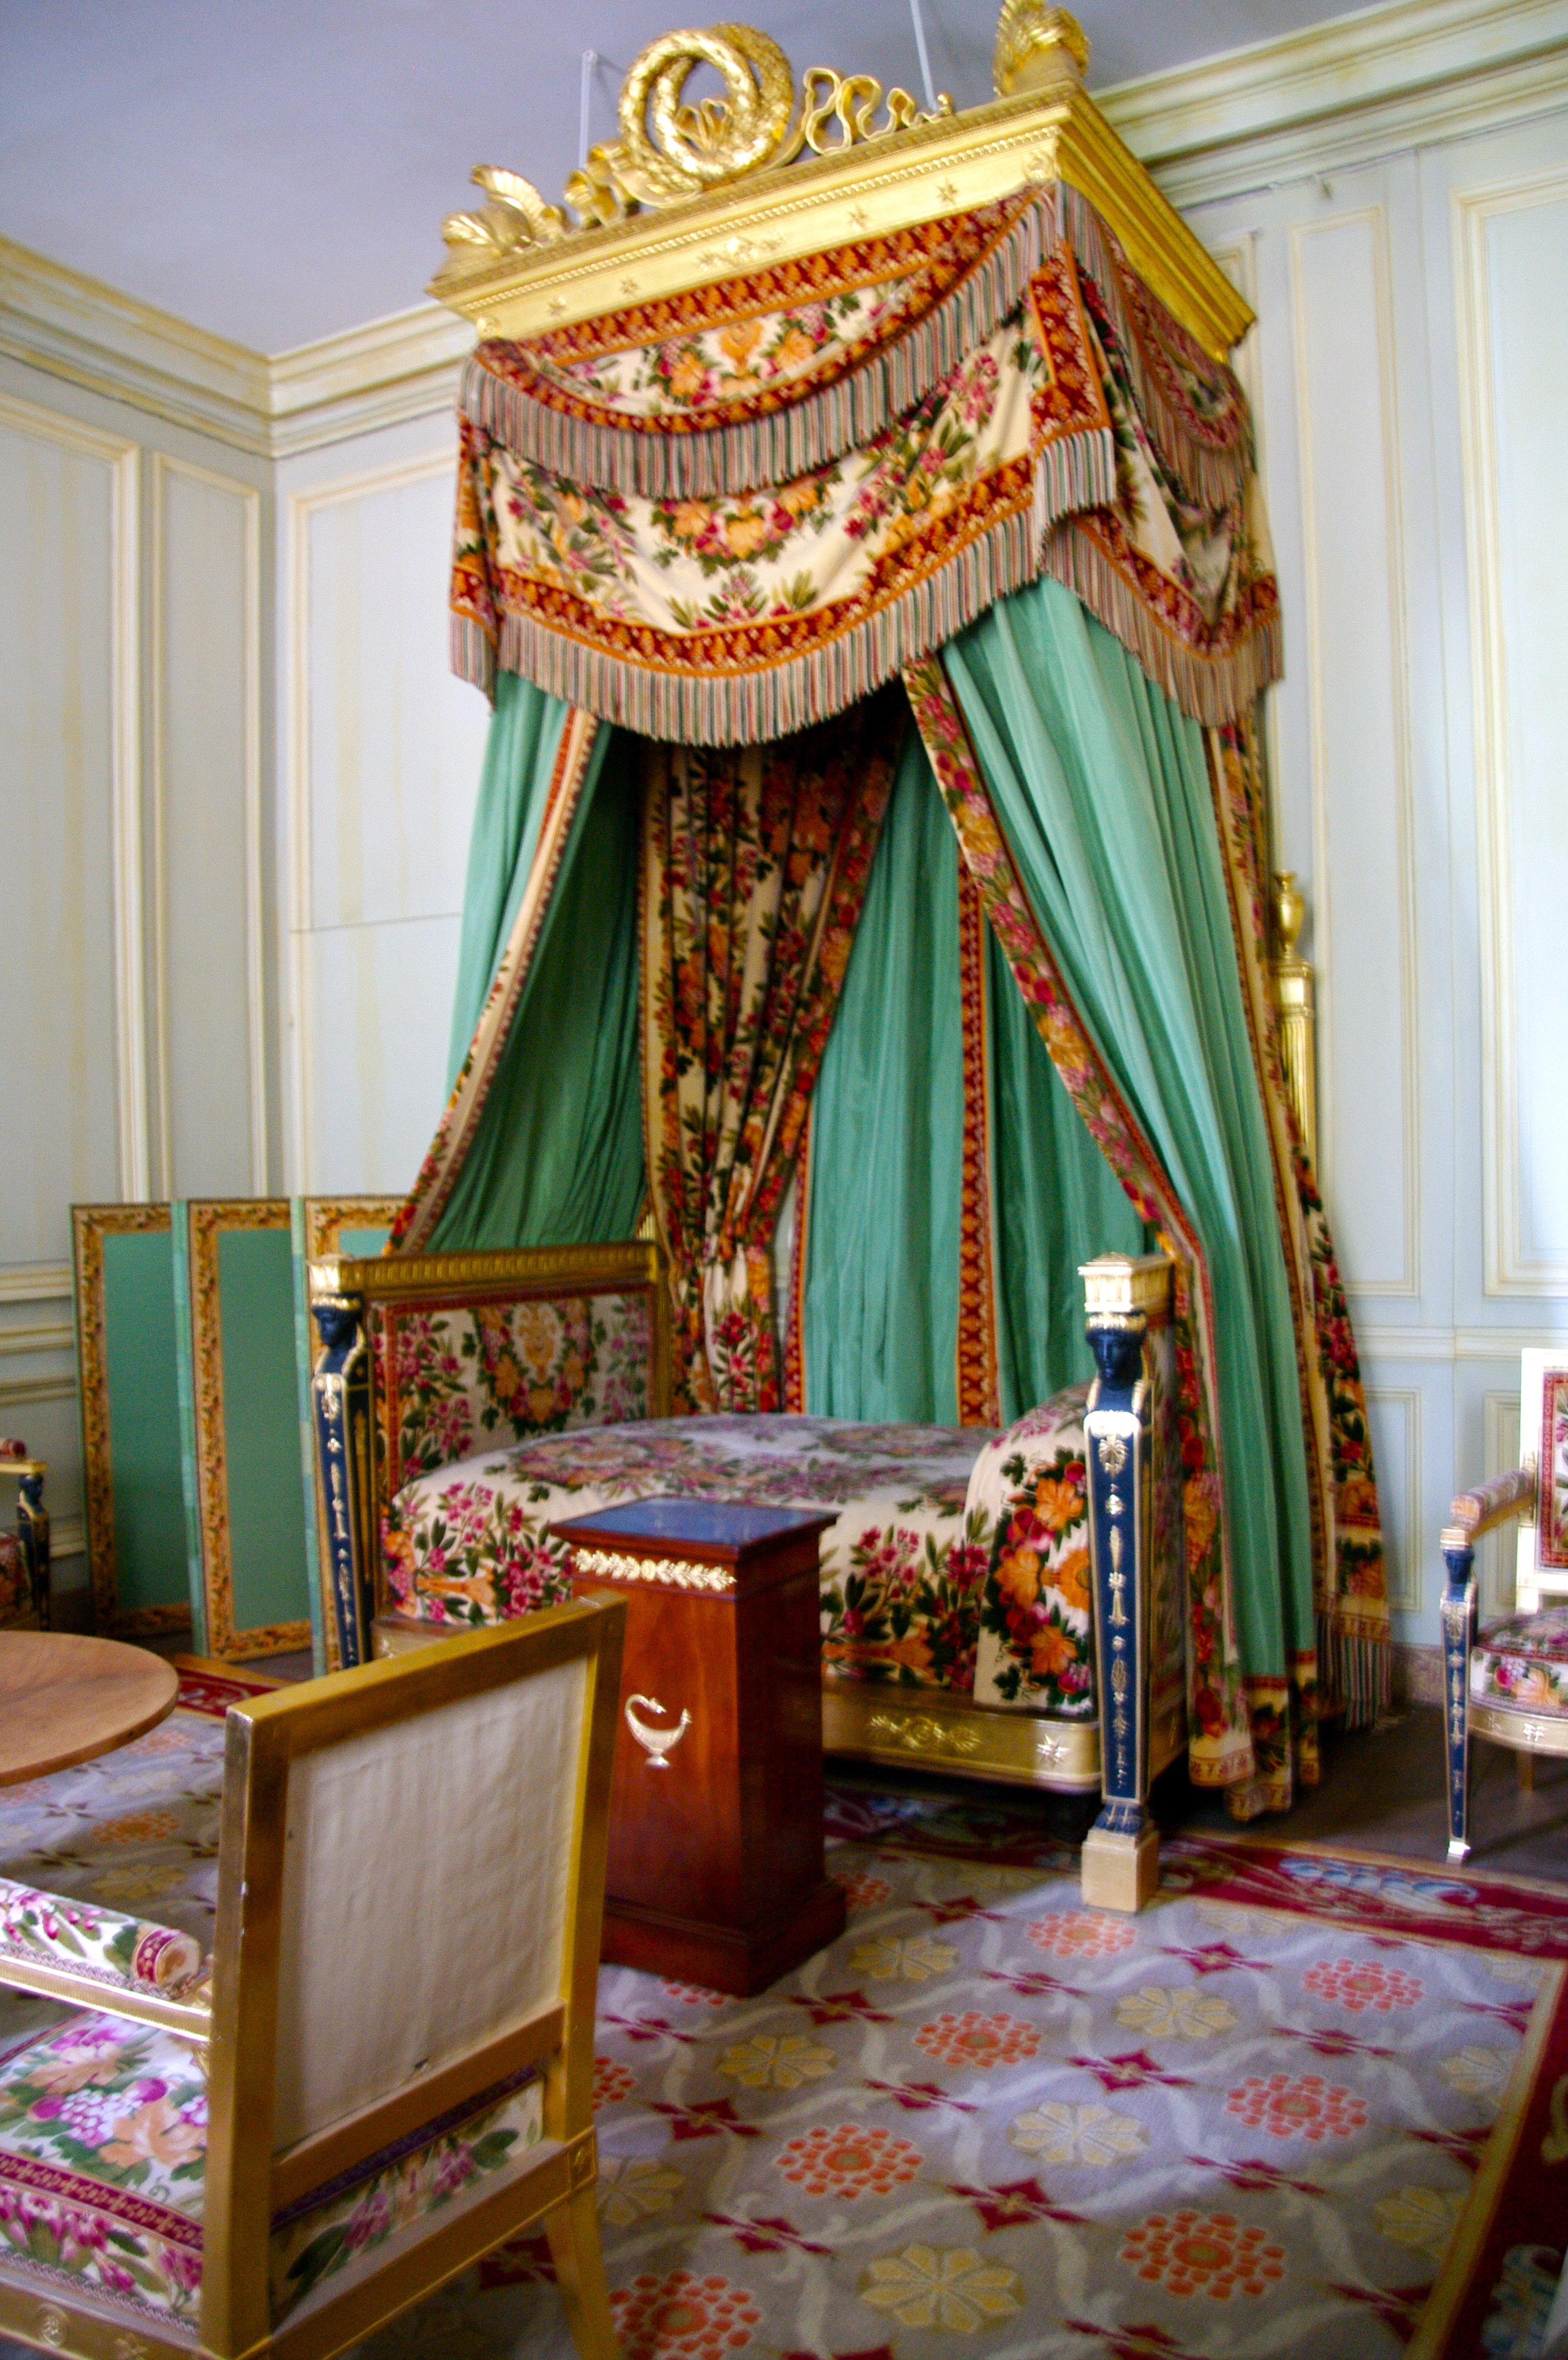 Decoration Simple Chambre Fille : Description Chambre, petit appartement de lempereur Napoléon Ier à